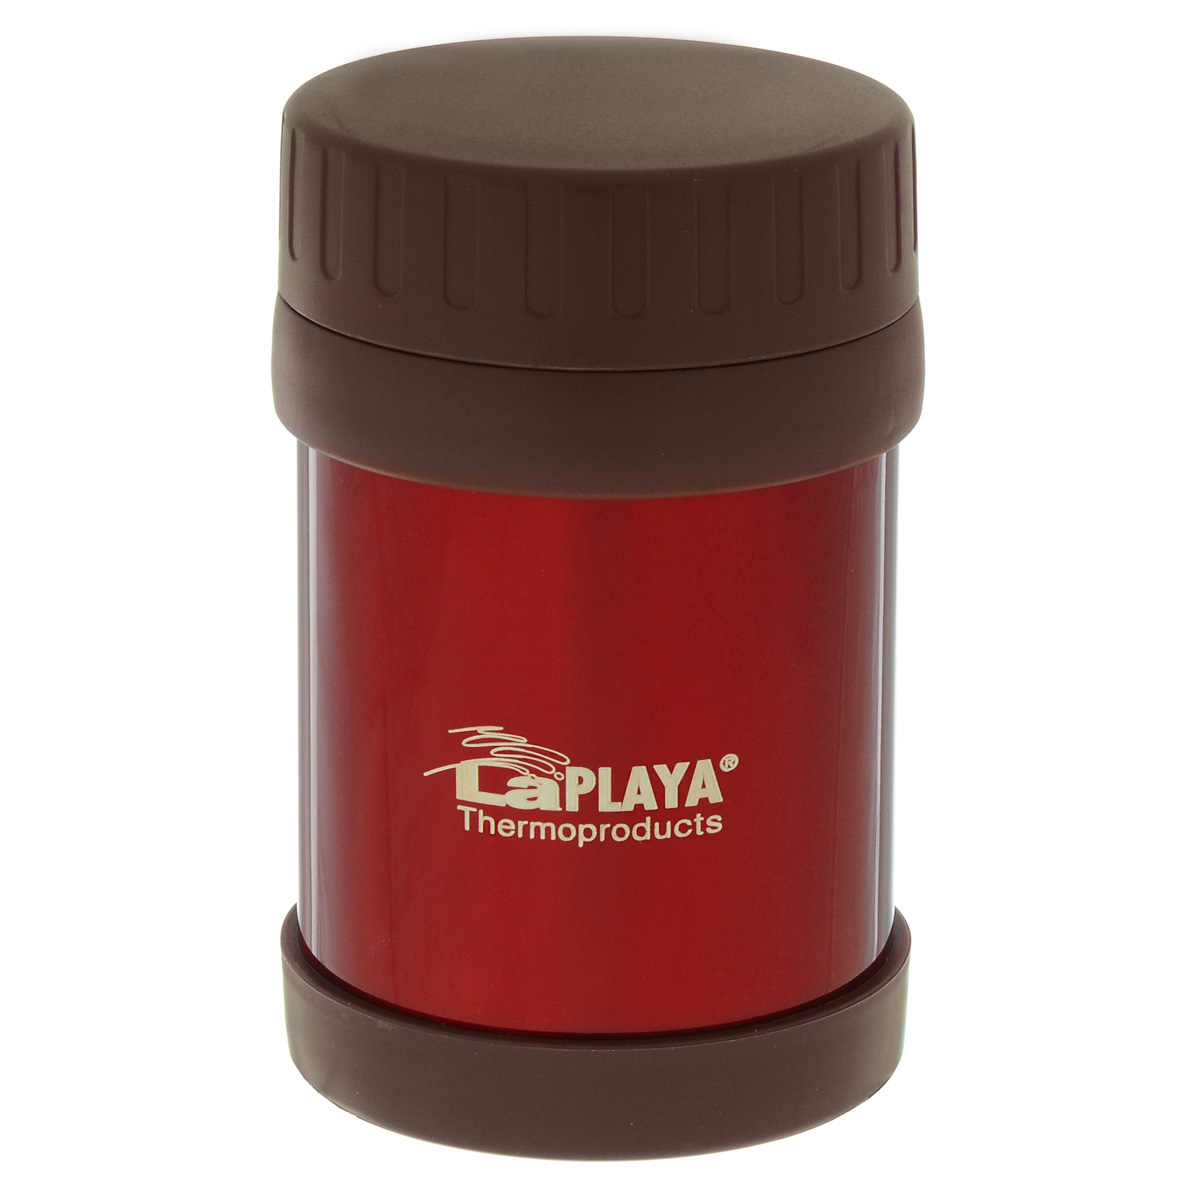 Термос для еды LaPlaya Food Container, цвет: красный, 350 млVT-1520(SR)Корпус термоса LaPlaya Food Container изготовлен из высококачественной нержавеющей стали с двумя стенками. Термос оснащен крышкой, благодаря которой сохраняется абсолютная герметичность. Изделие имеет большое горлышко, поэтому идеально подходит для салатов, закусок, первых и вторых блюд.Такой термос удобен в использовании и станет полезным подарком. Диаметр (по верхнему краю): 8 см. Диаметр основания: 8,5 см. Высота (с учетом крышки): 13,5 см.